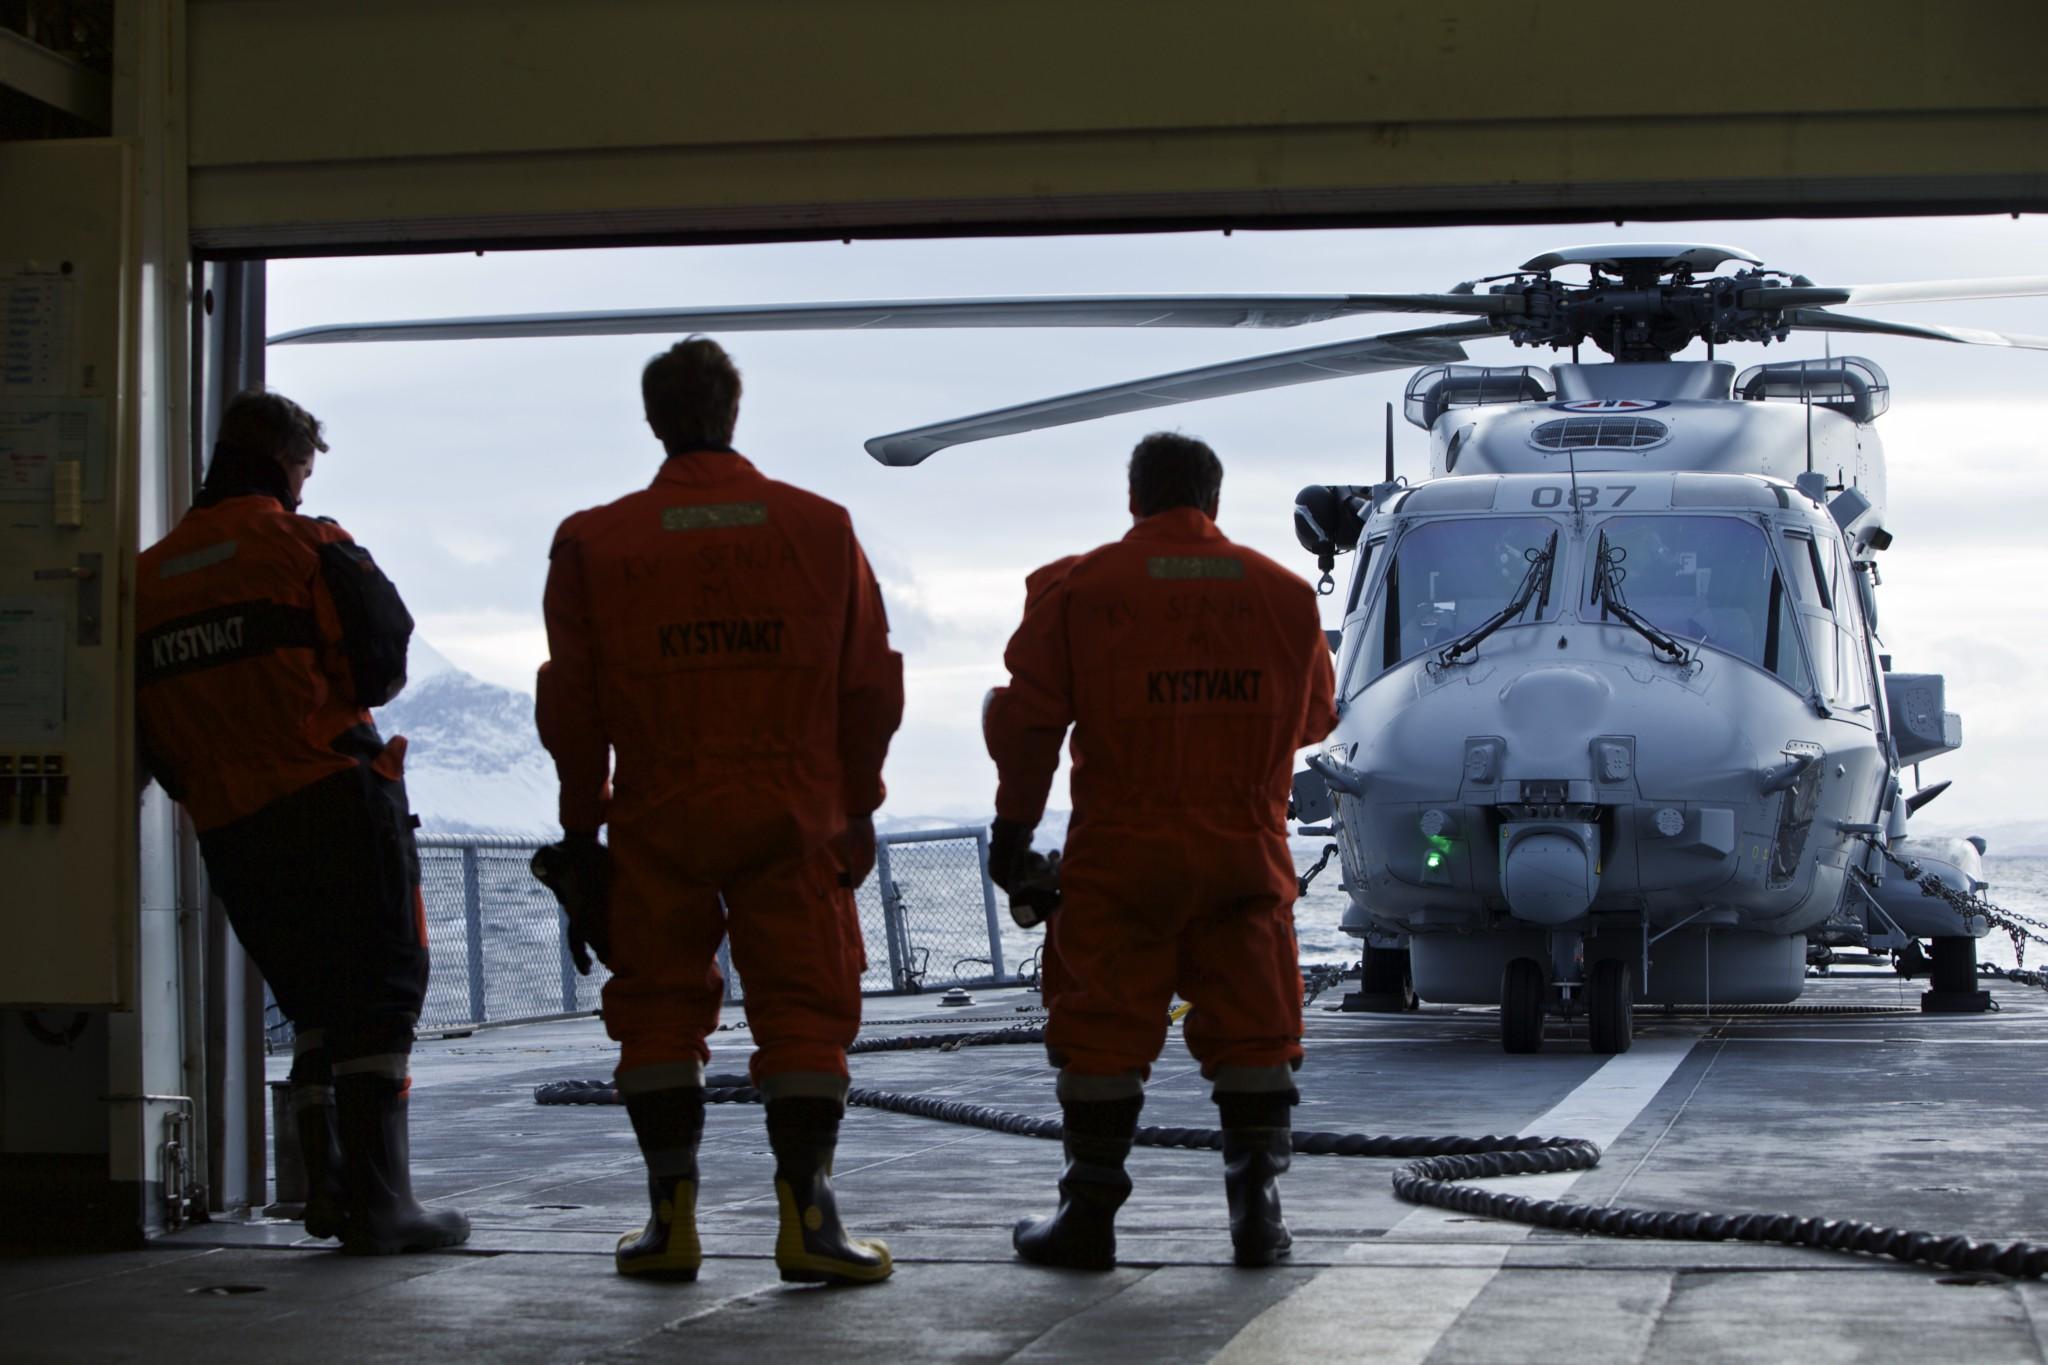 Et norsk NH-90 helikopter ombord på Kystvaktfartøyet KV Senja. Foto: TORGEIR HAUGAARD/FORSVARET